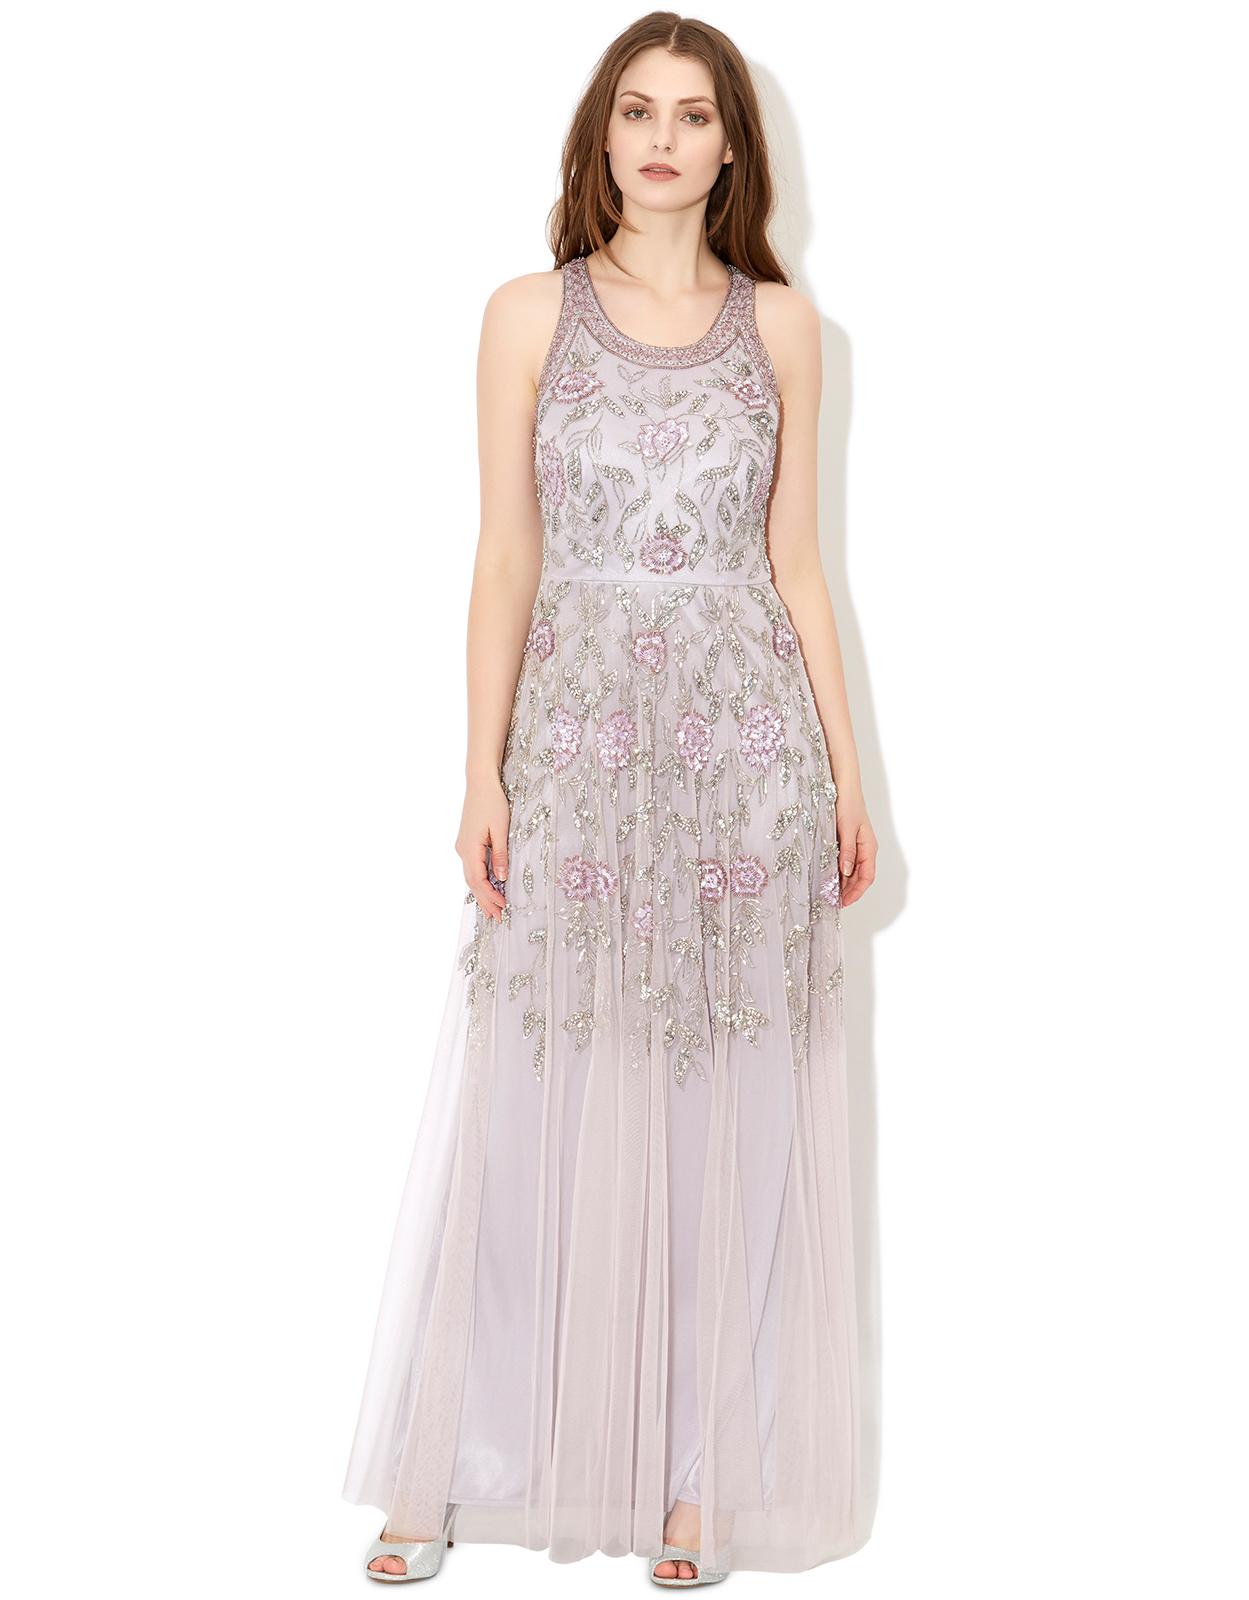 Noni b lace dress long sleeve